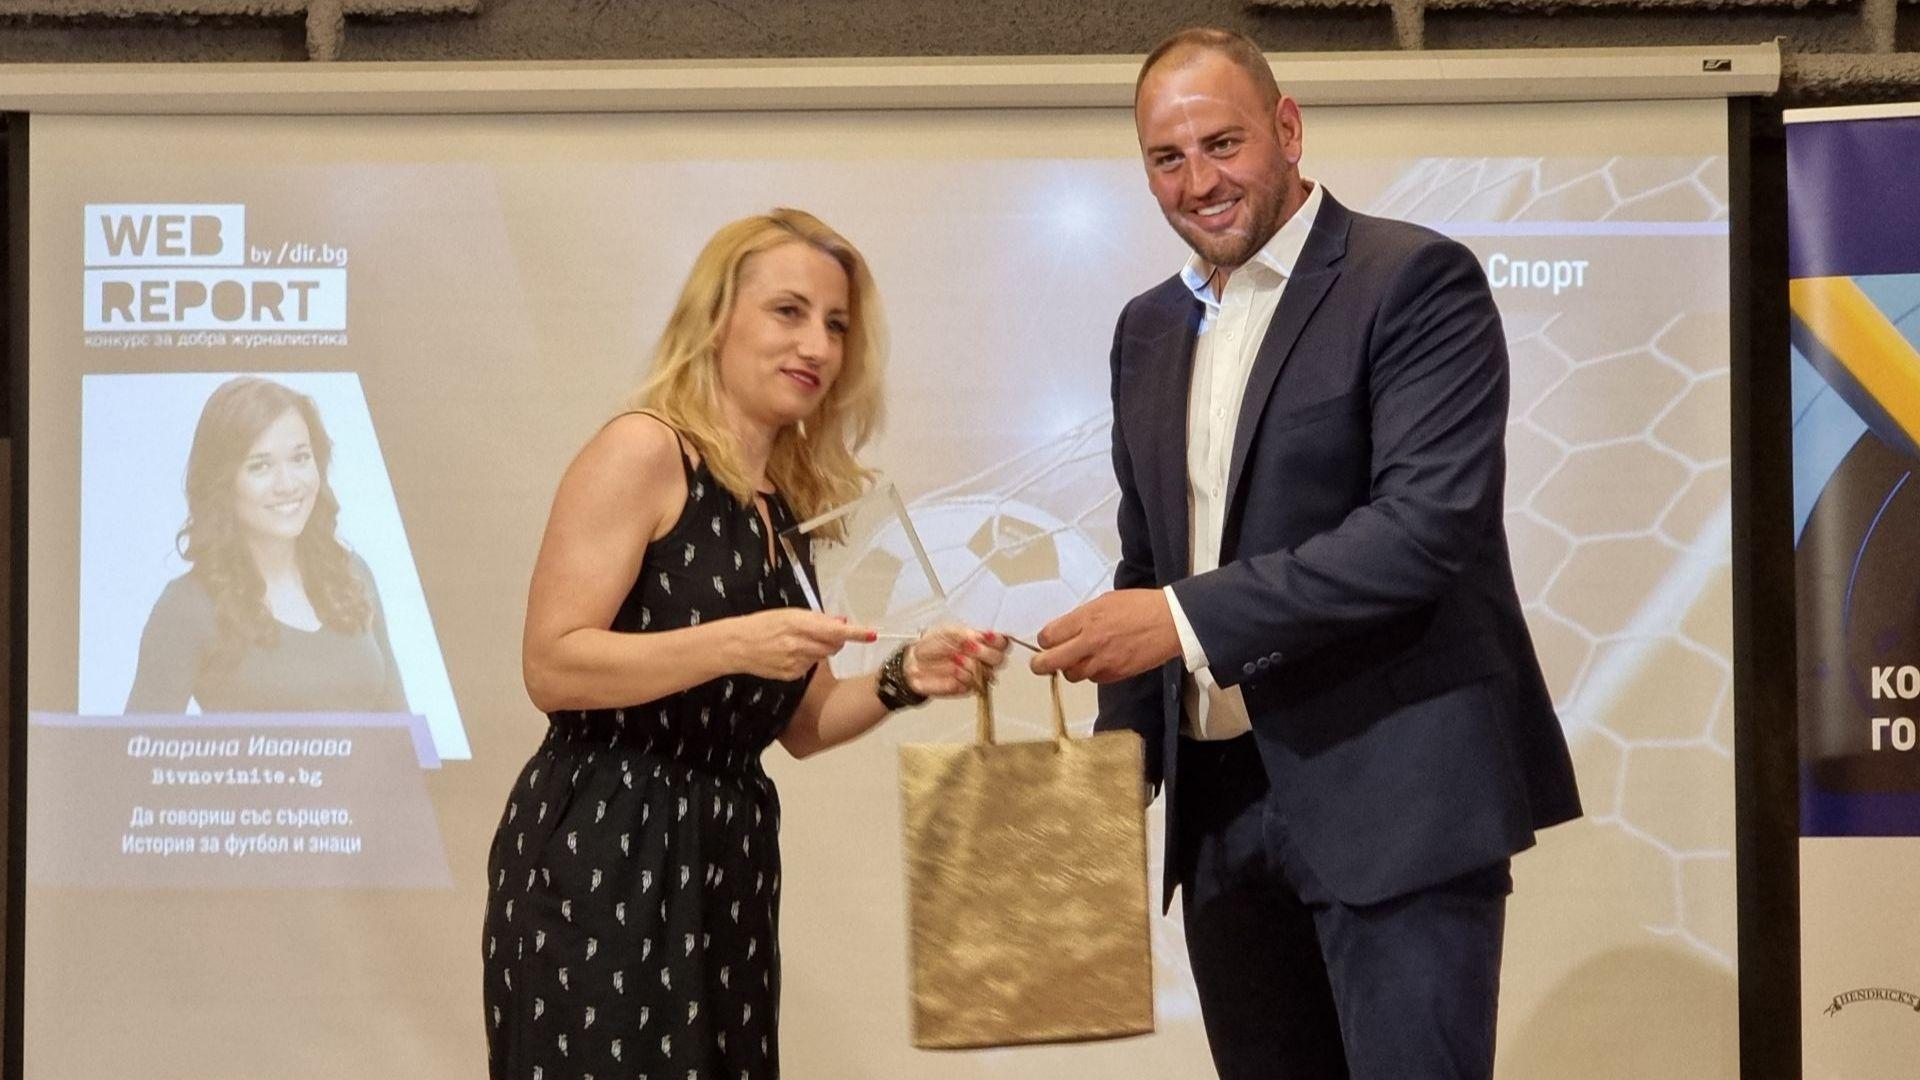 Влади Лазарова, шефката на спортния отдел в bTV приема наградата на Флорина от Петър Стойчев .